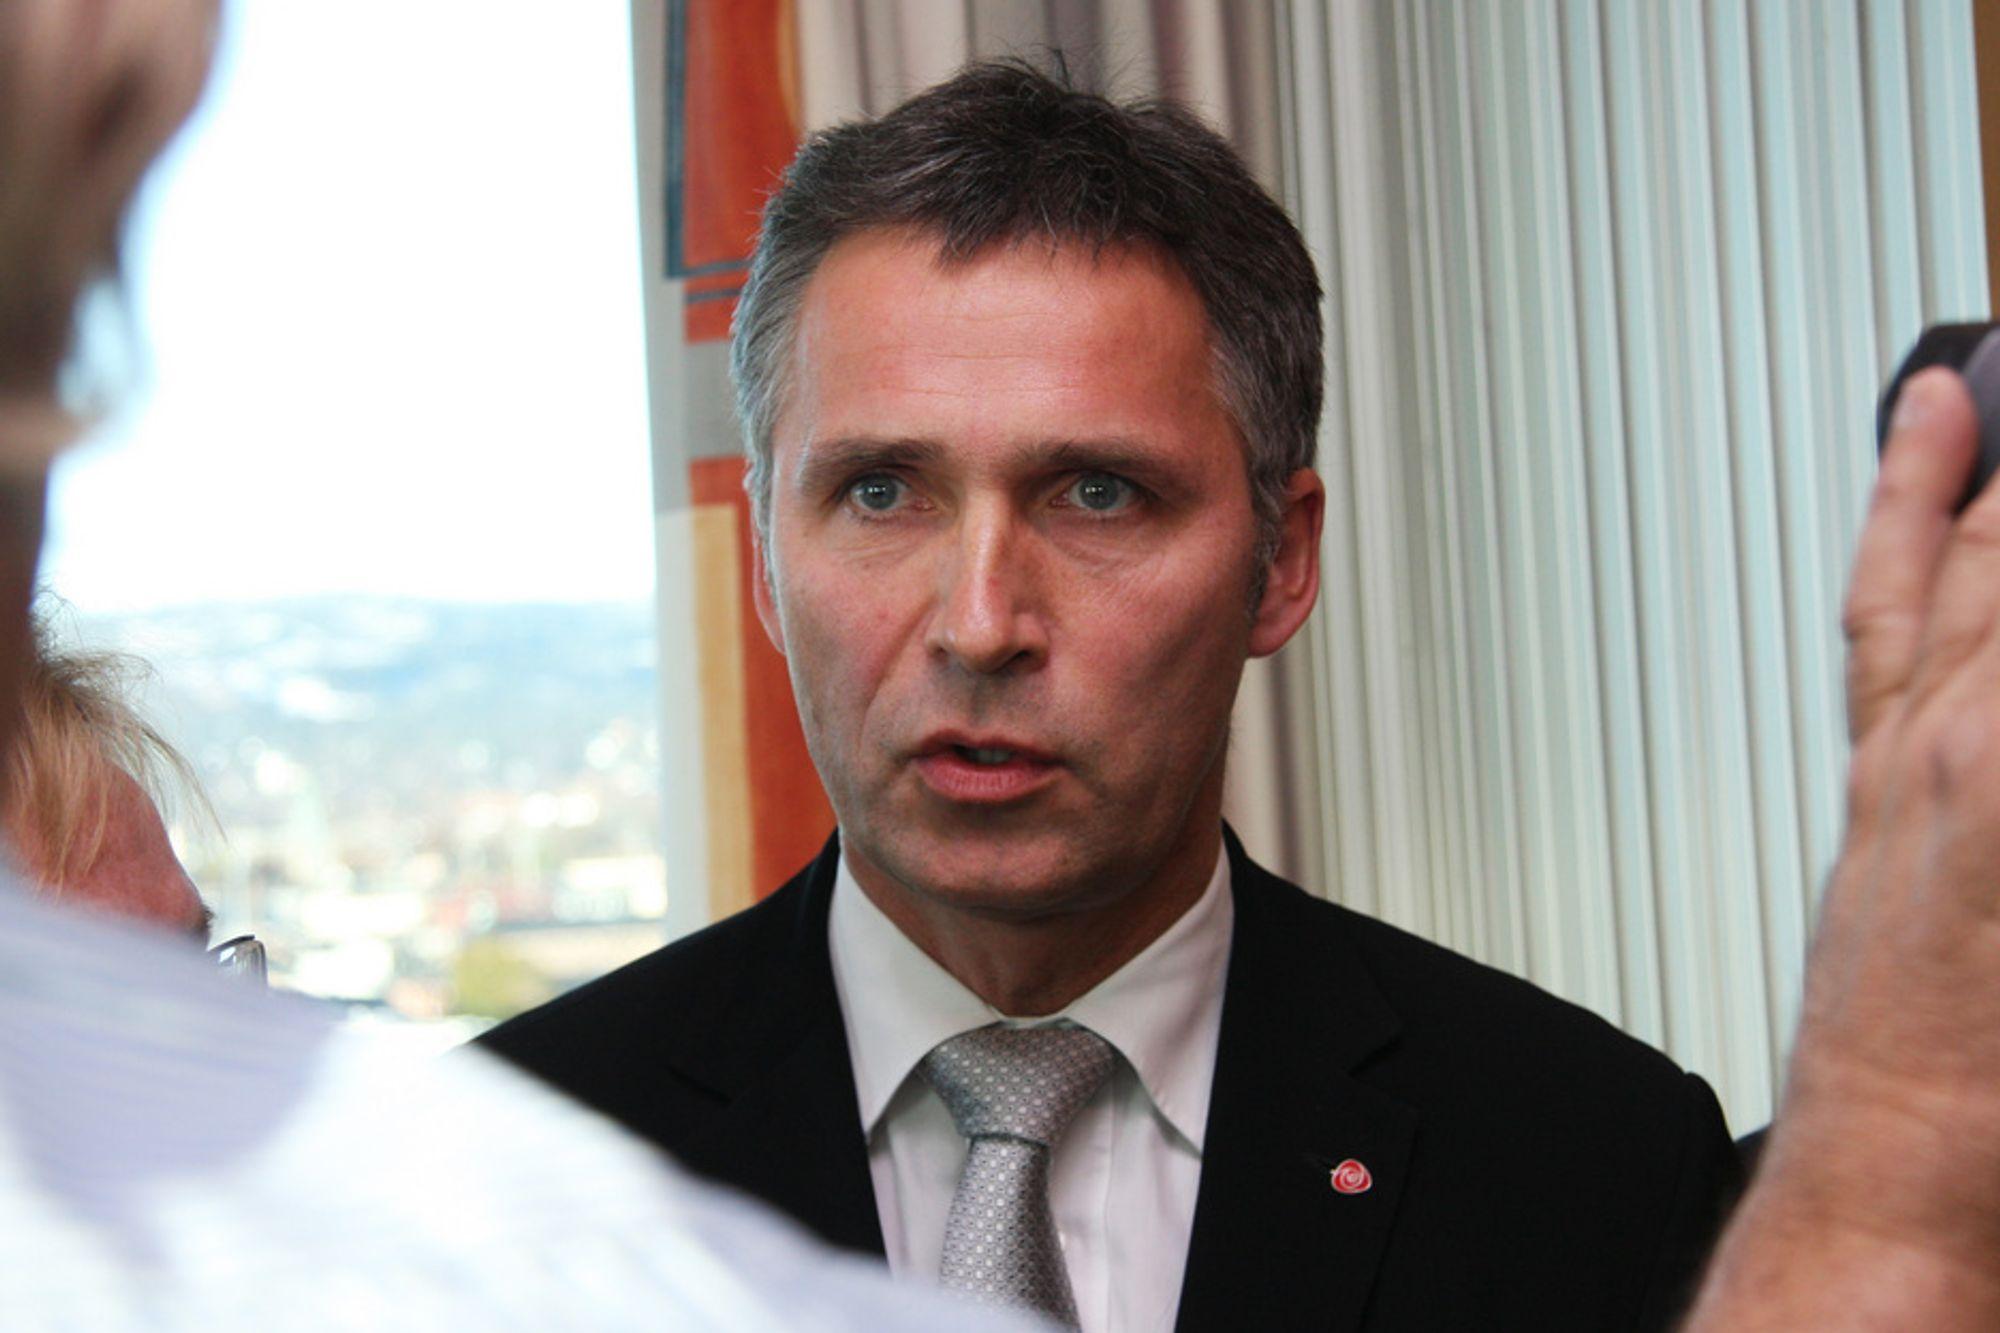 Statsminister Jens Stoltenberg ber om et møte med LO og NHO for å få arbeidslivets innspill til neste års klimamelding.